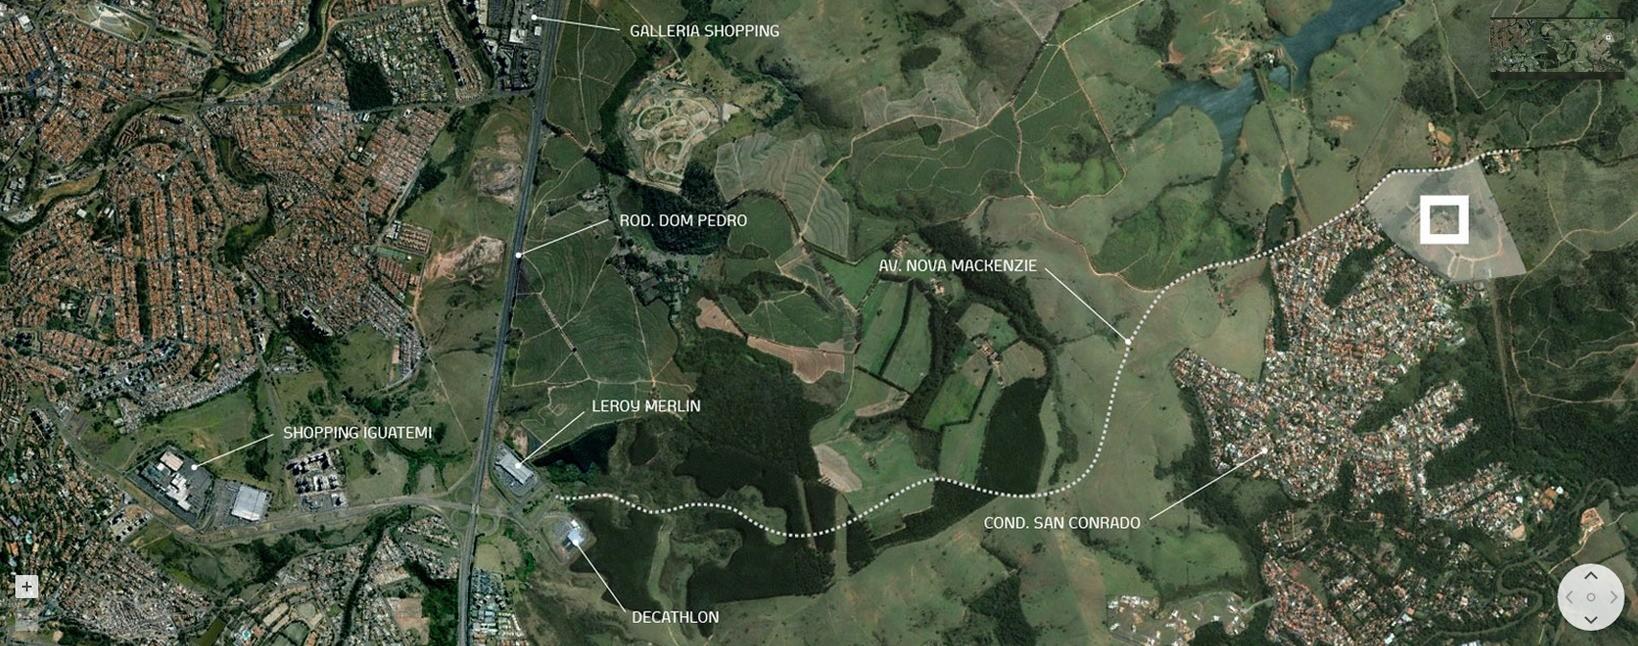 Land Lot em Sousas, Campinas - SP